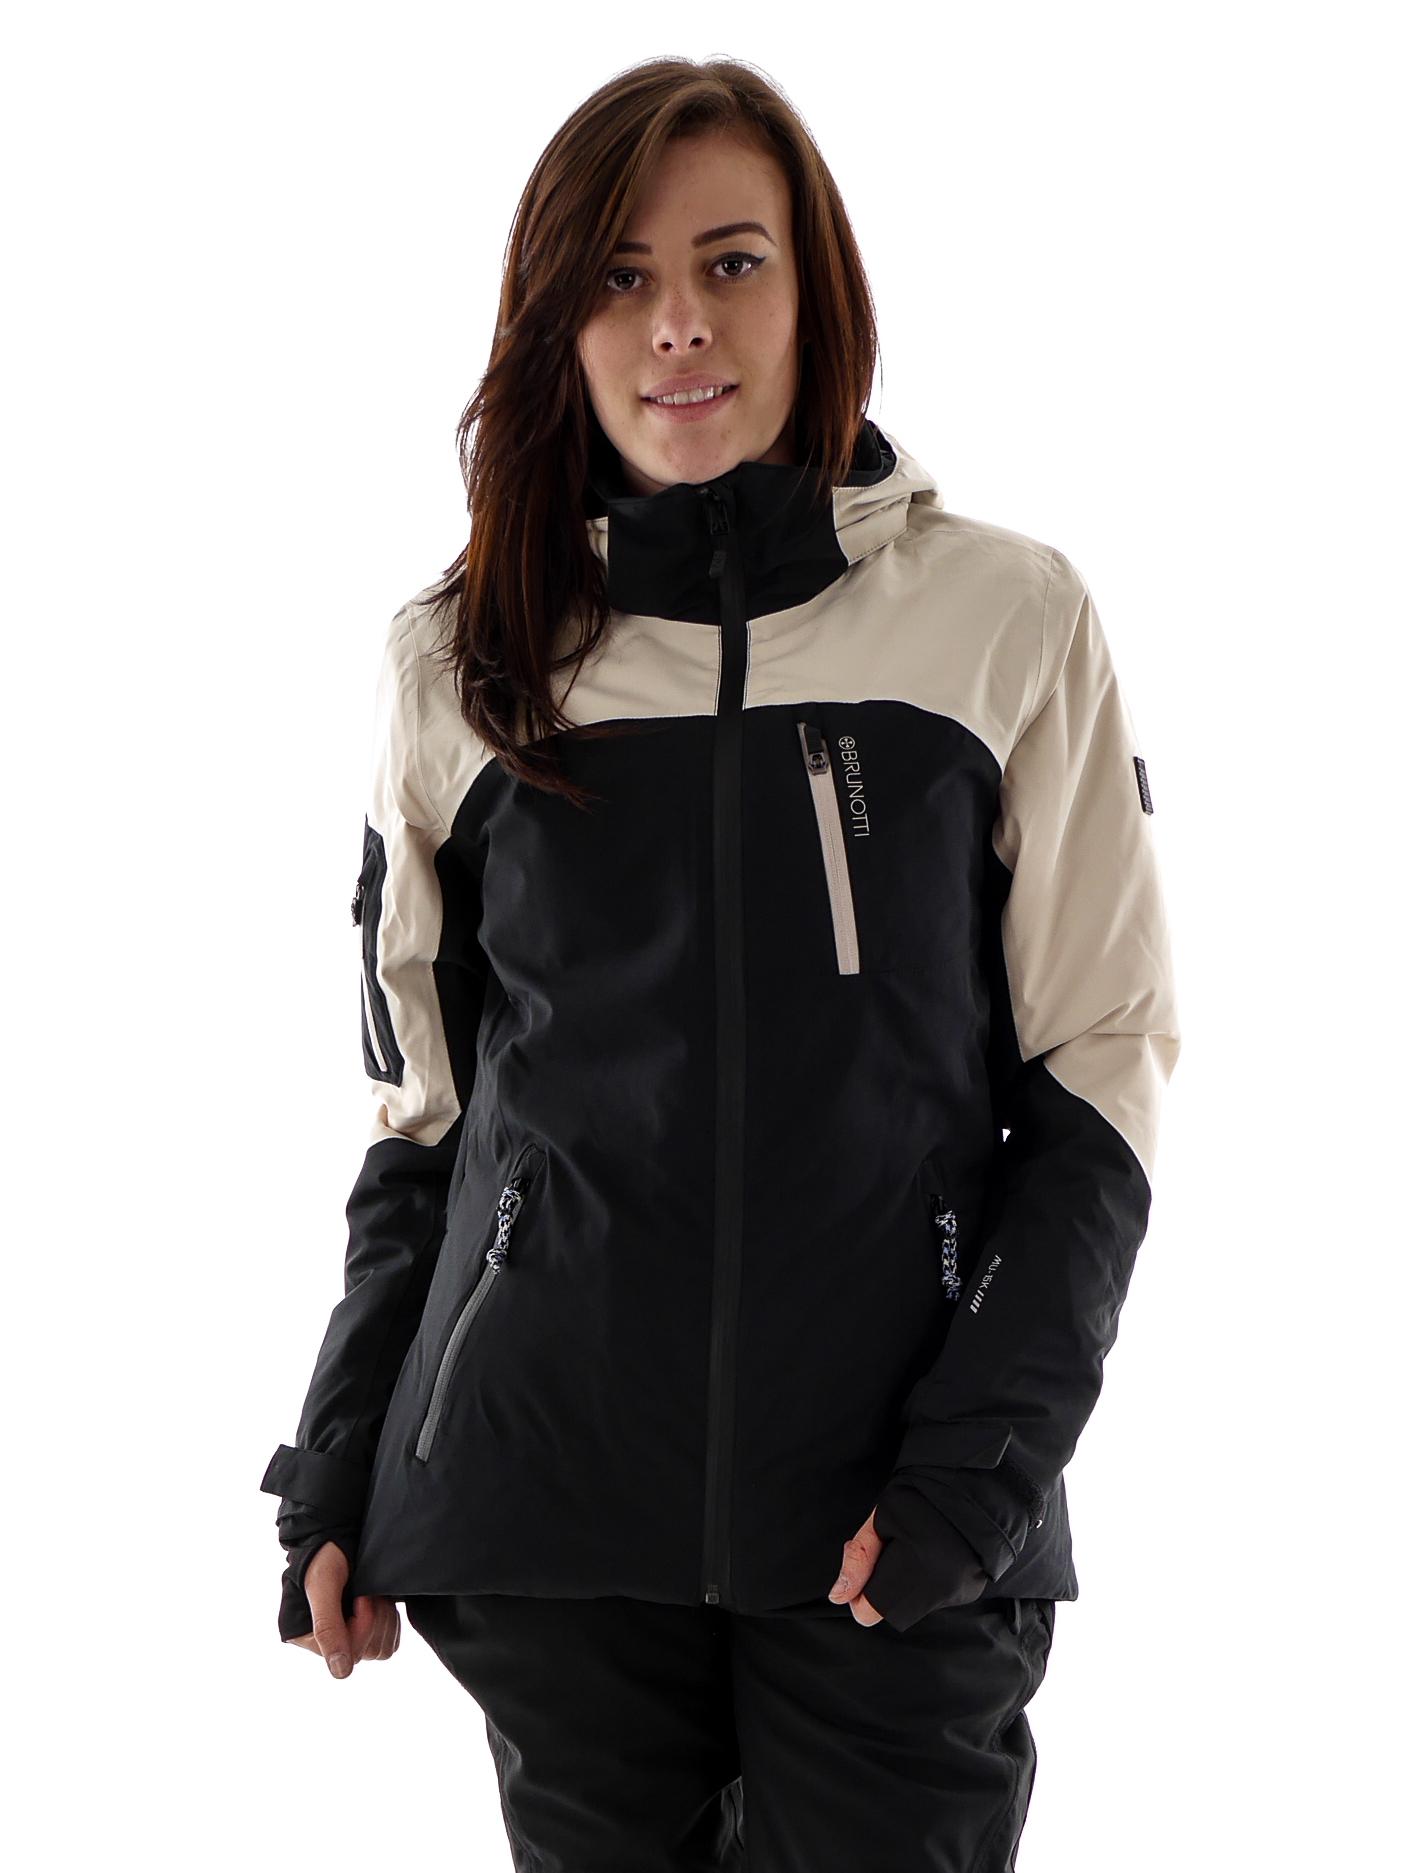 Snowboardjacken für jedermann zu günstigen Preisen im limango Outlet Shop. Bis % ggü. UVP auf alle Snowboardjacken! Damen () Herren () Wohnen (0) Trachten (16) um eine Snowboardjacke günstig zu ordern.